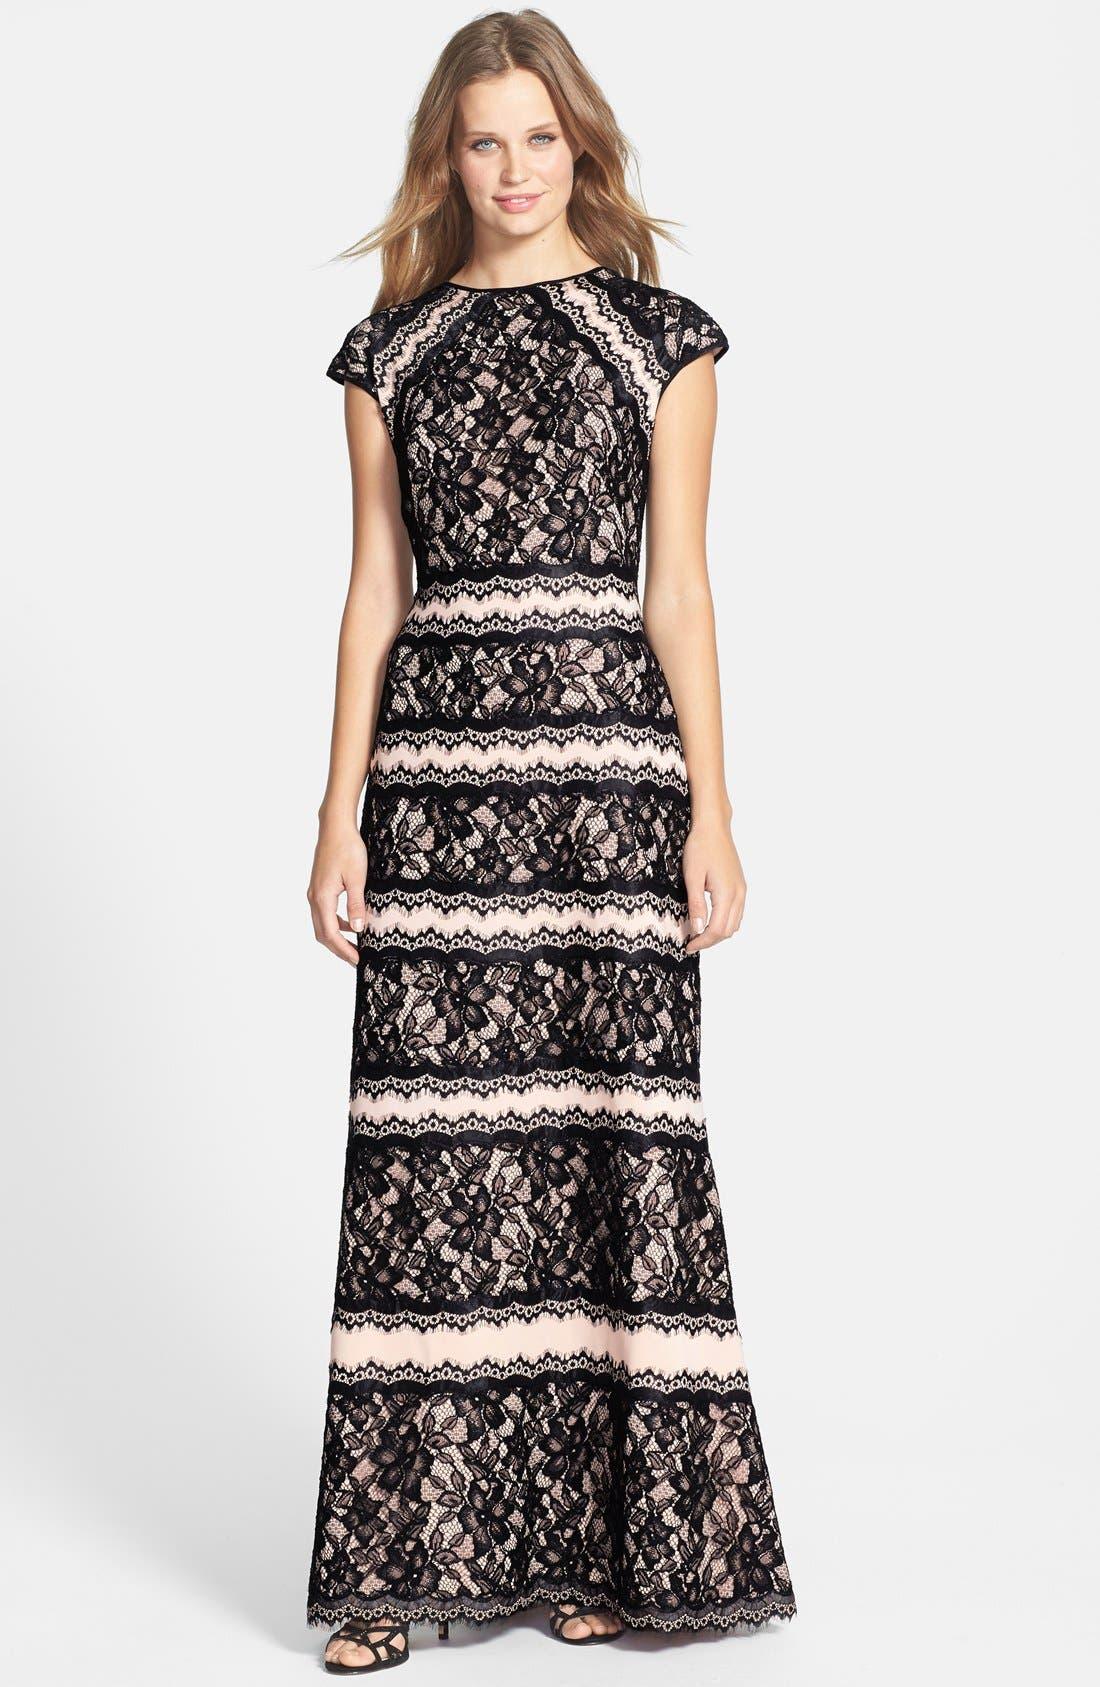 Alternate Image 1 Selected - Tadashi Shoji Lace Embellished Neoprene Gown